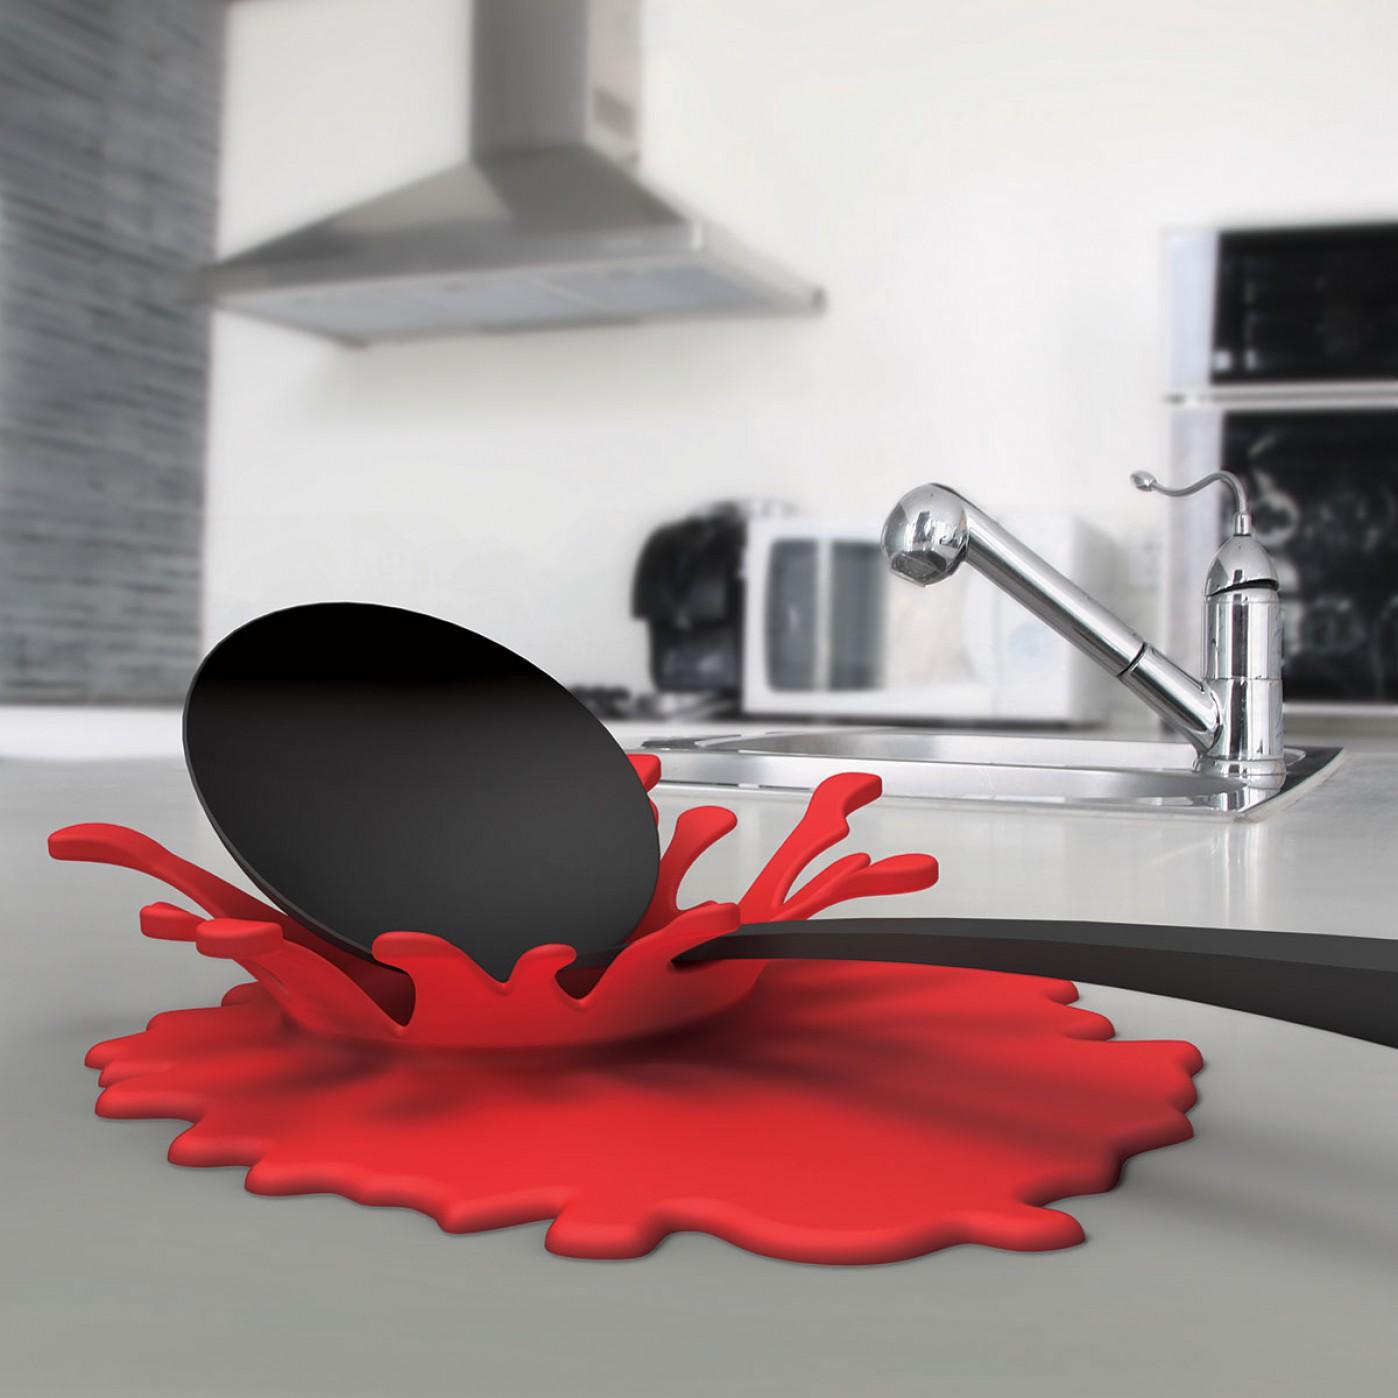 Accessori da cucina originali - Tagliere e poggia cucchiaio Splash ...